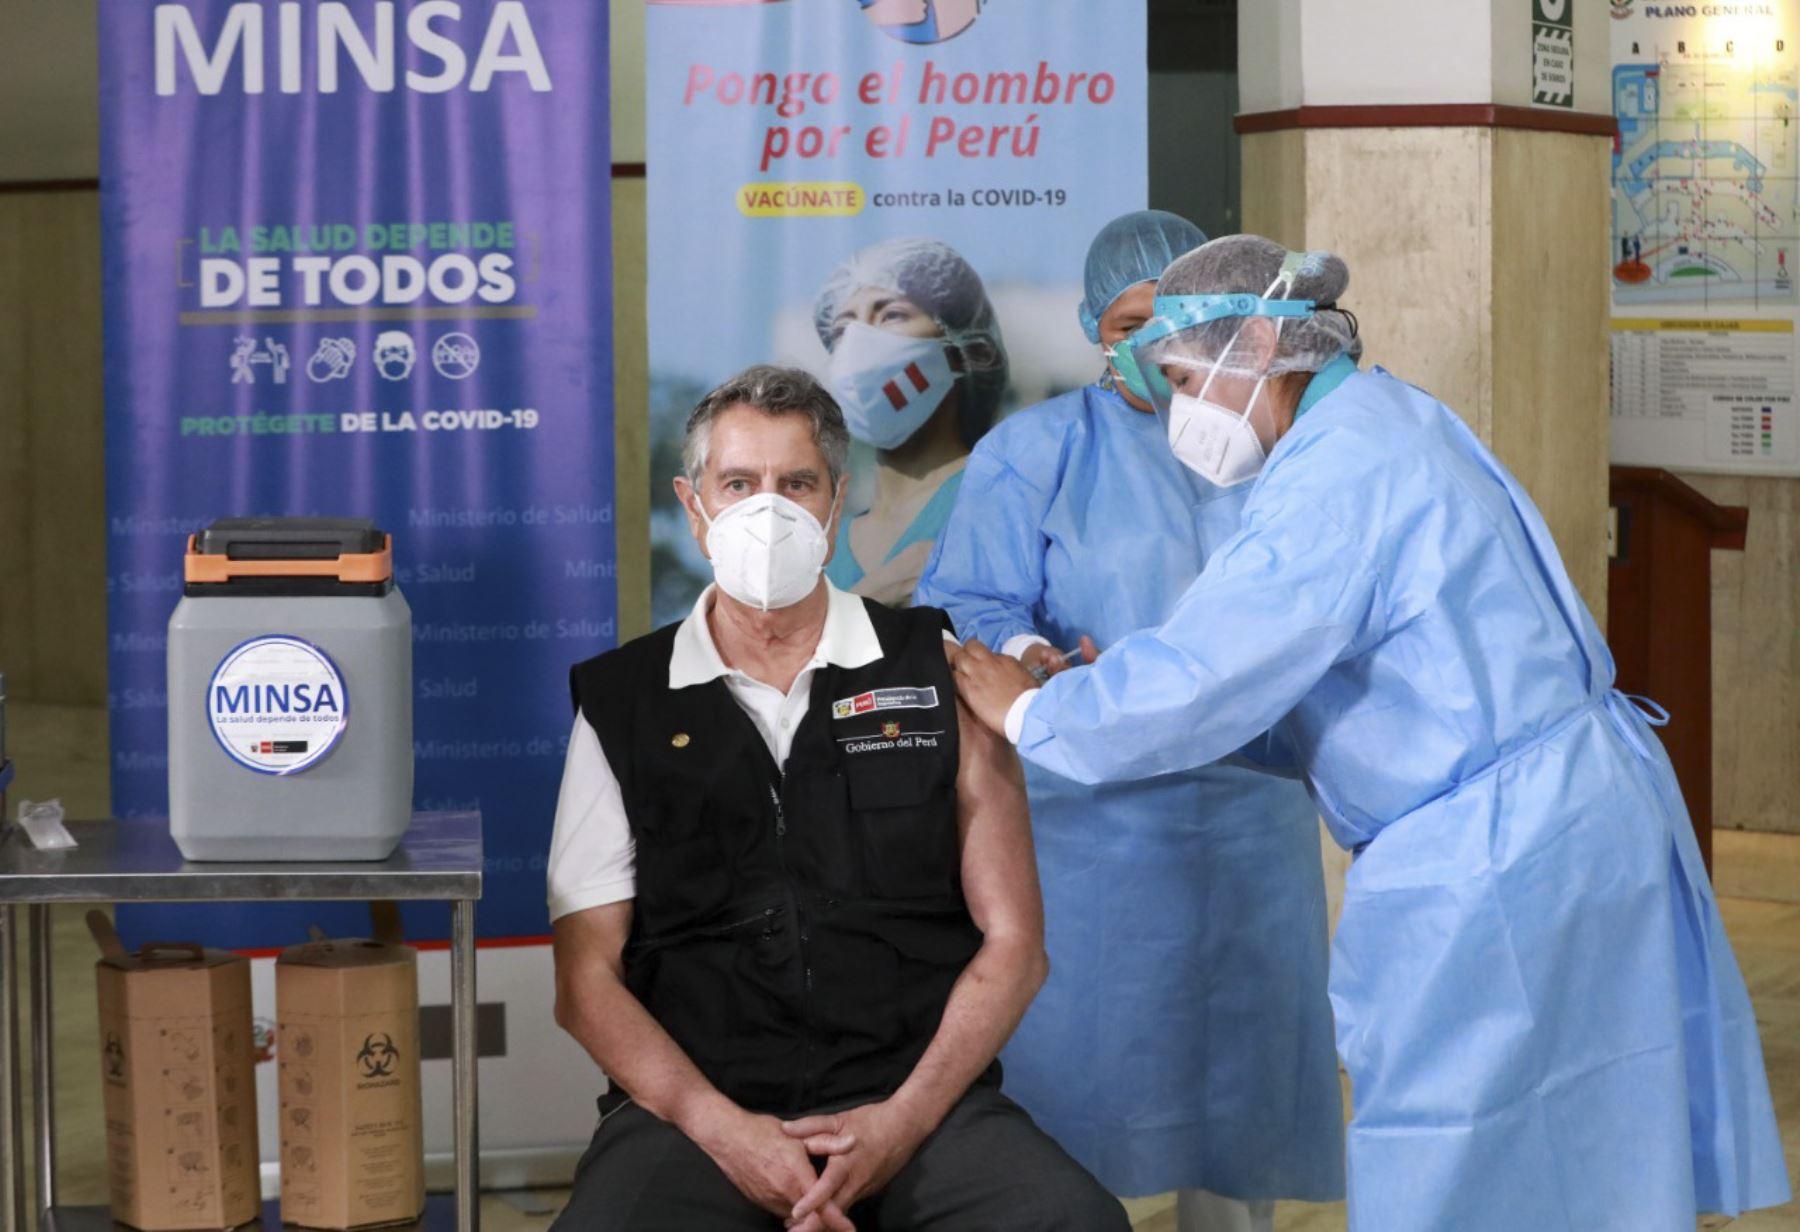 Inicio de vacunación, presidente Sagasti recibió su primera dosis. Foto: ANDINA